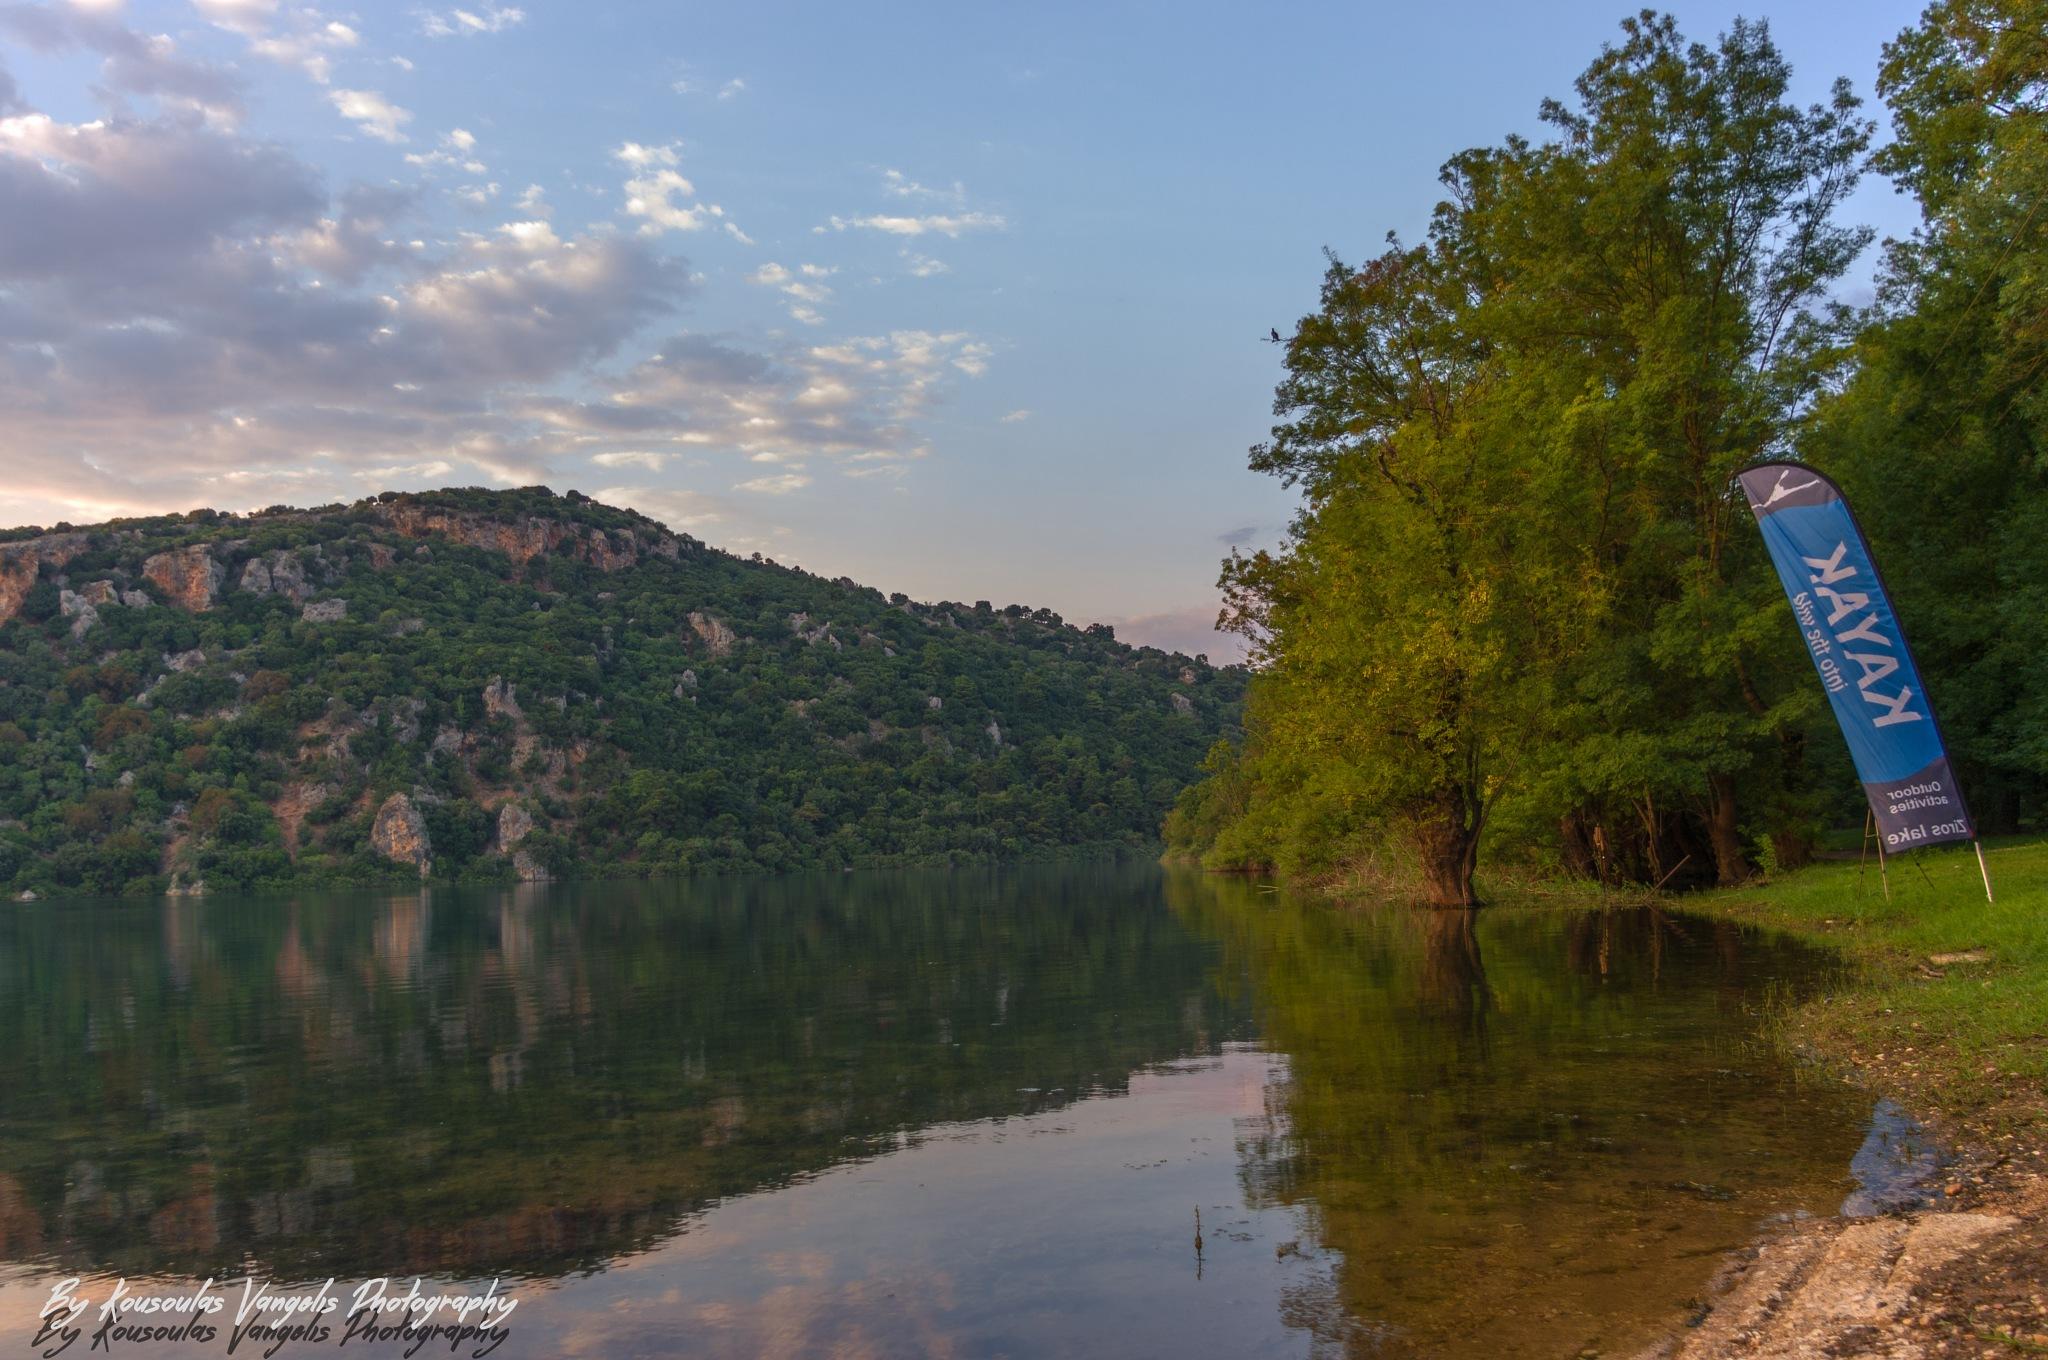 Lake Ziros by kousoulas vangelis